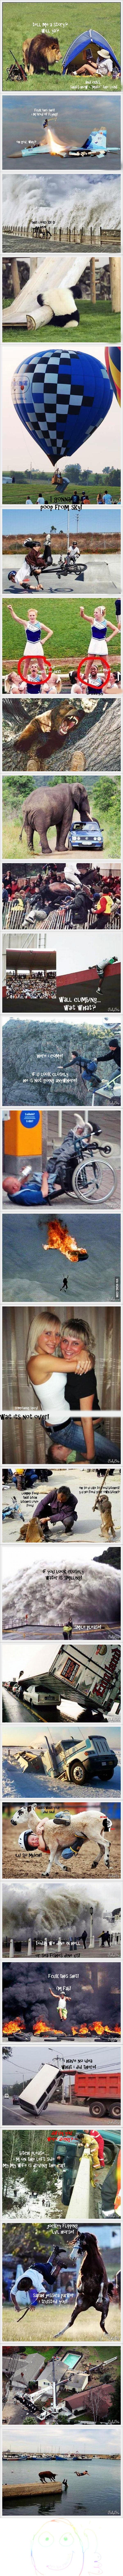 Epic fail is epic! :D